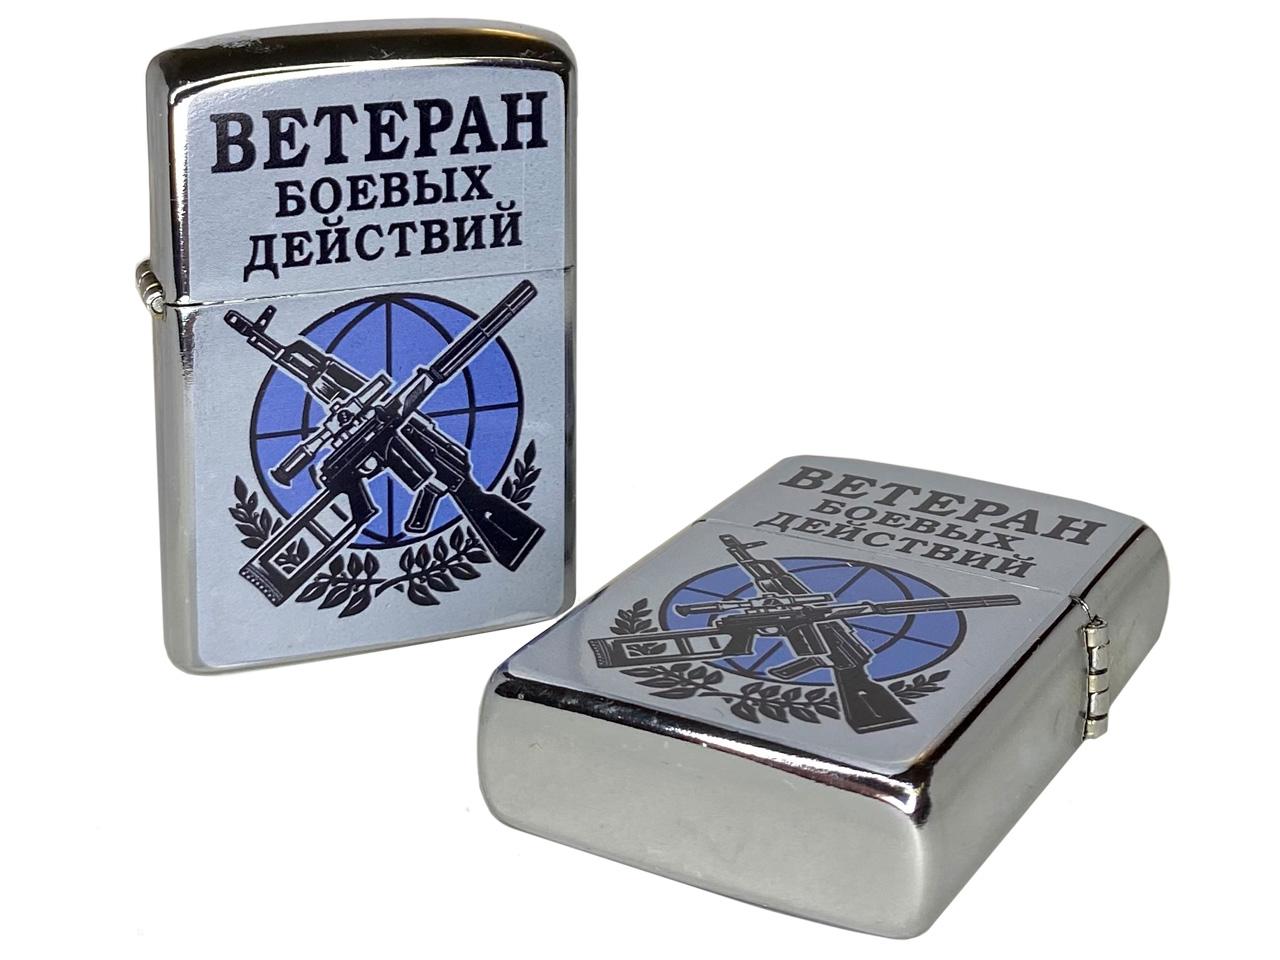 Зажигалка металлическая Ветеран боевых действий - купить онлайн